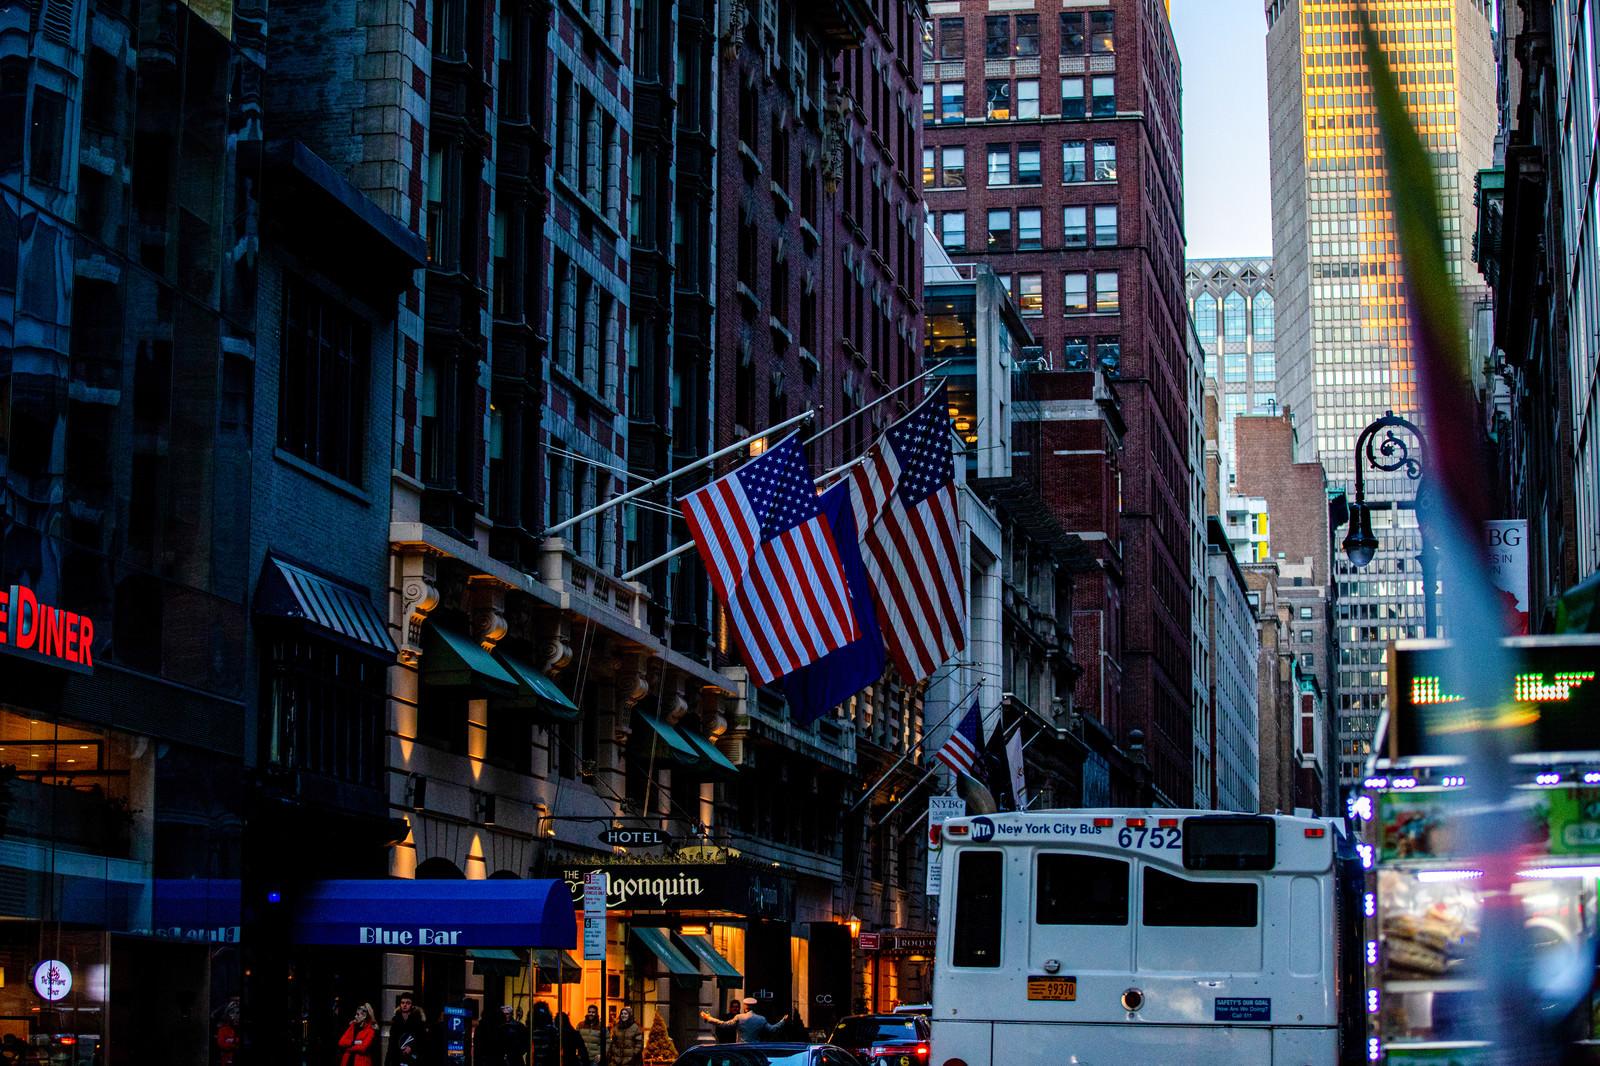 「ニューヨークの街並みとアメリカ国旗」の写真